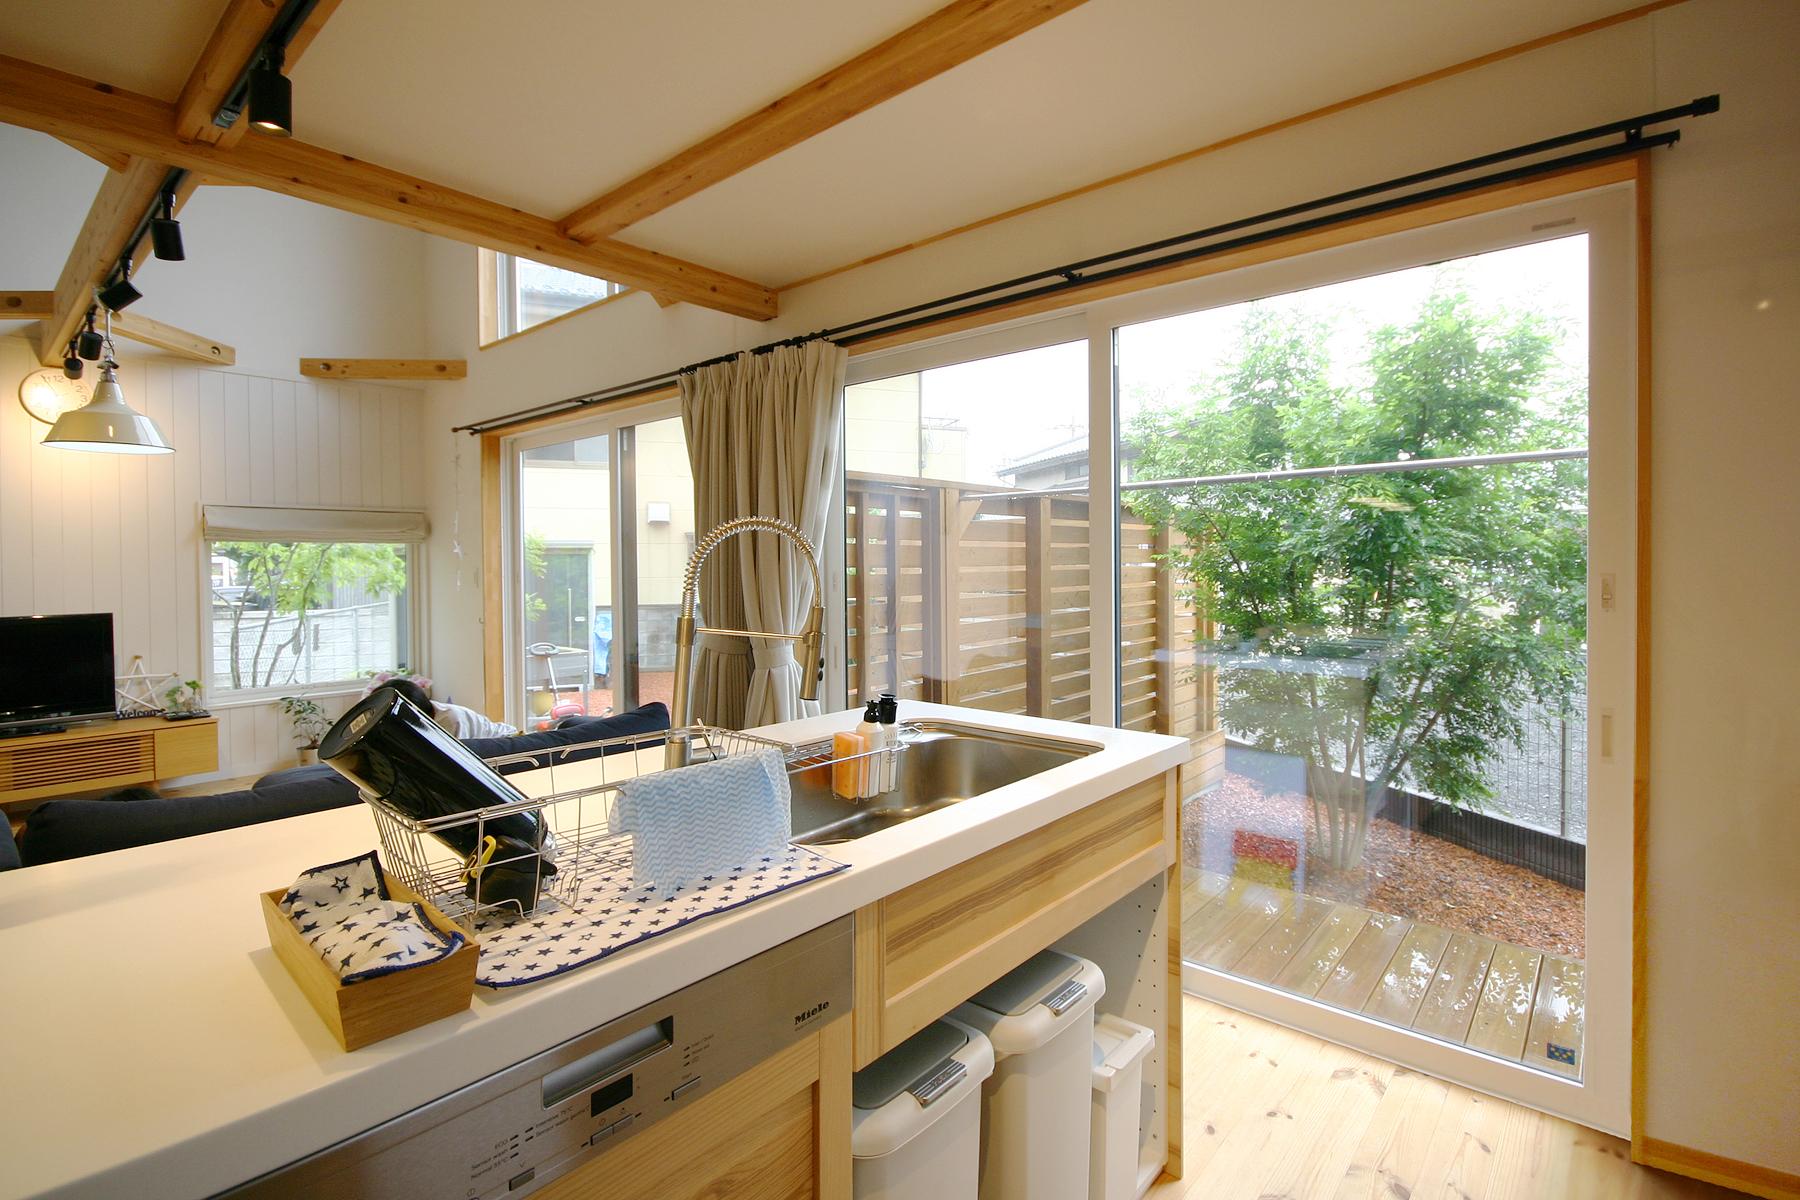 栃木県宇都宮市K様邸|BOOOTS|キッチン|ネクストハウスデザイン